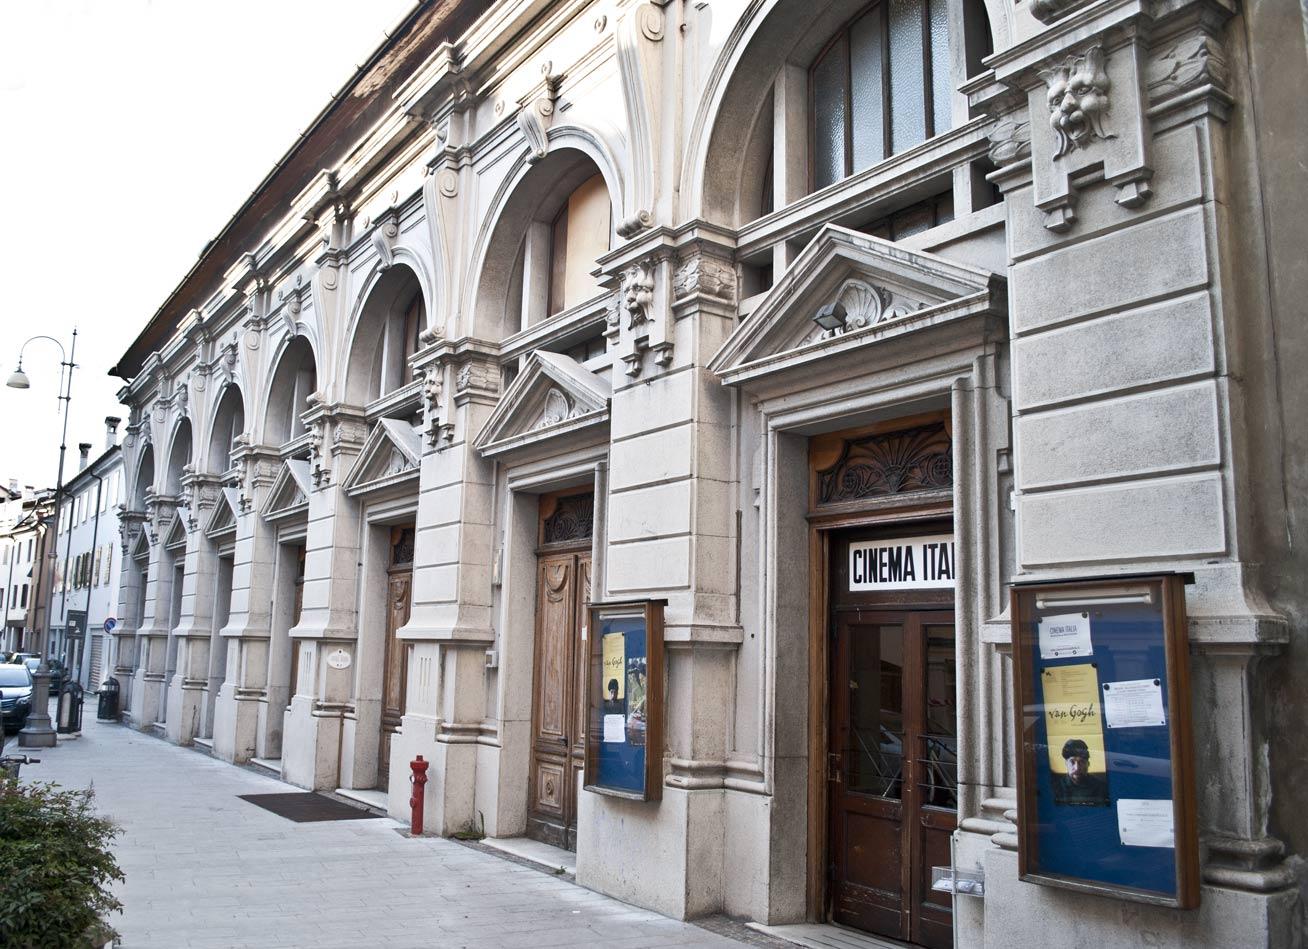 Palazzo Cinema Italia